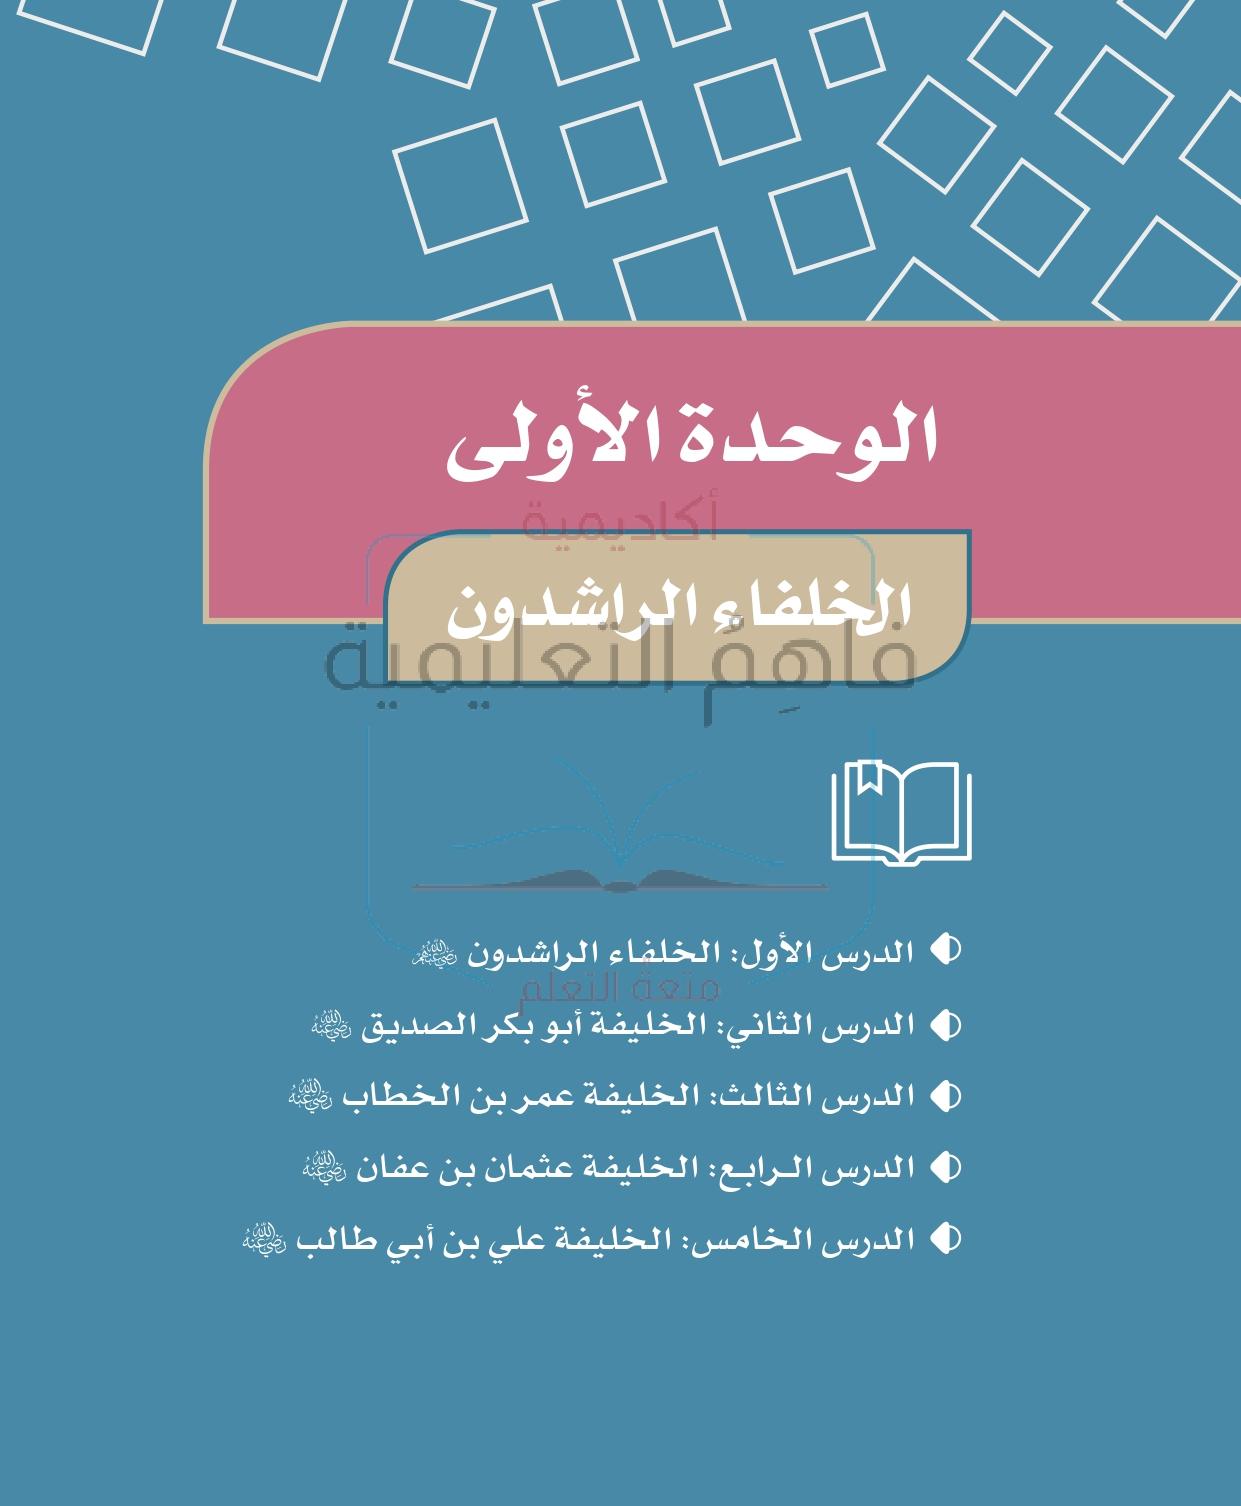 حل دراسات اجتماعية خامس – الوحدة (1) الخلفاء الراشدون – صفحة 12-30